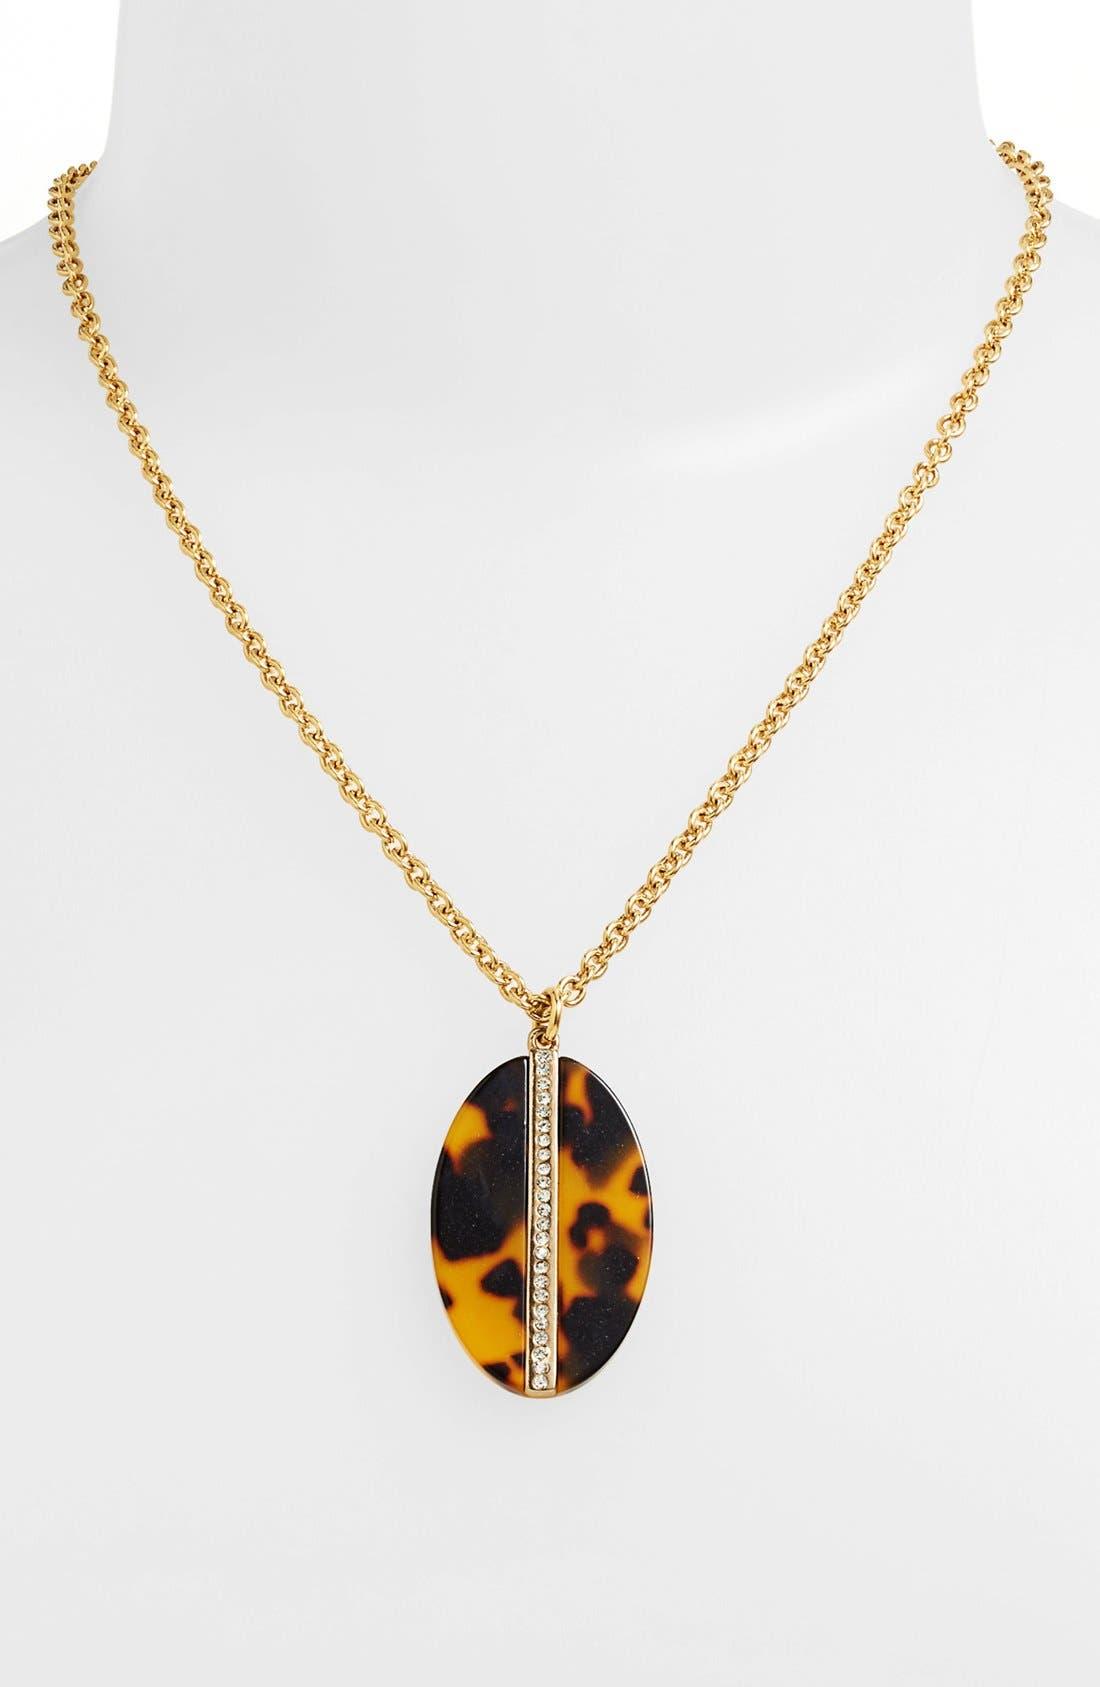 Main Image - Lauren Ralph Lauren Oval Pendant Necklace